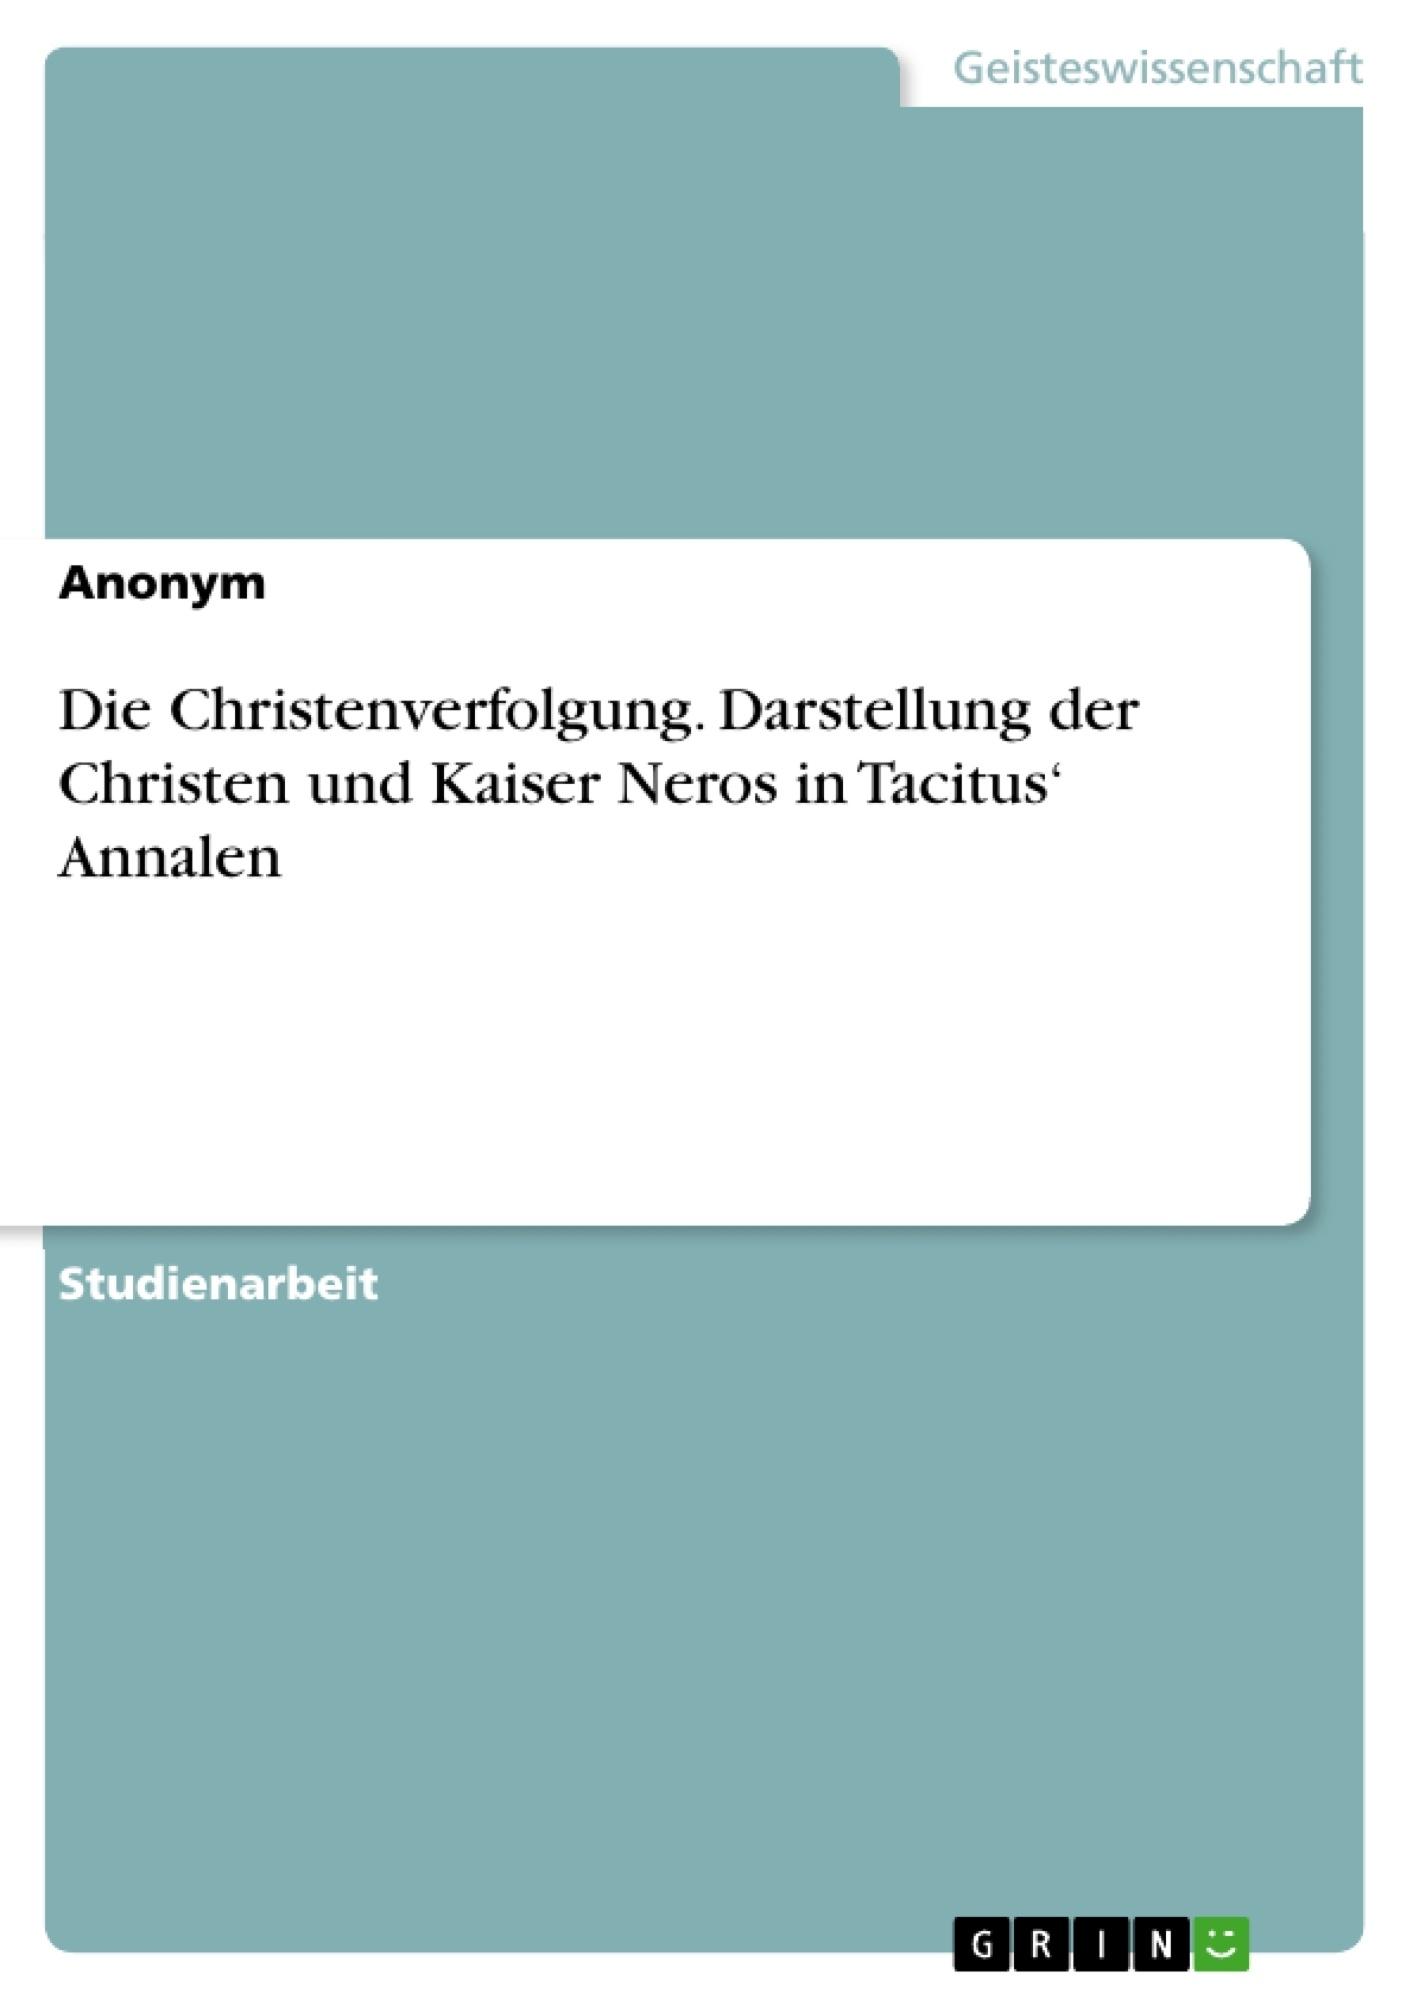 Titel: Die Christenverfolgung. Darstellung der Christen und Kaiser Neros in Tacitus' Annalen